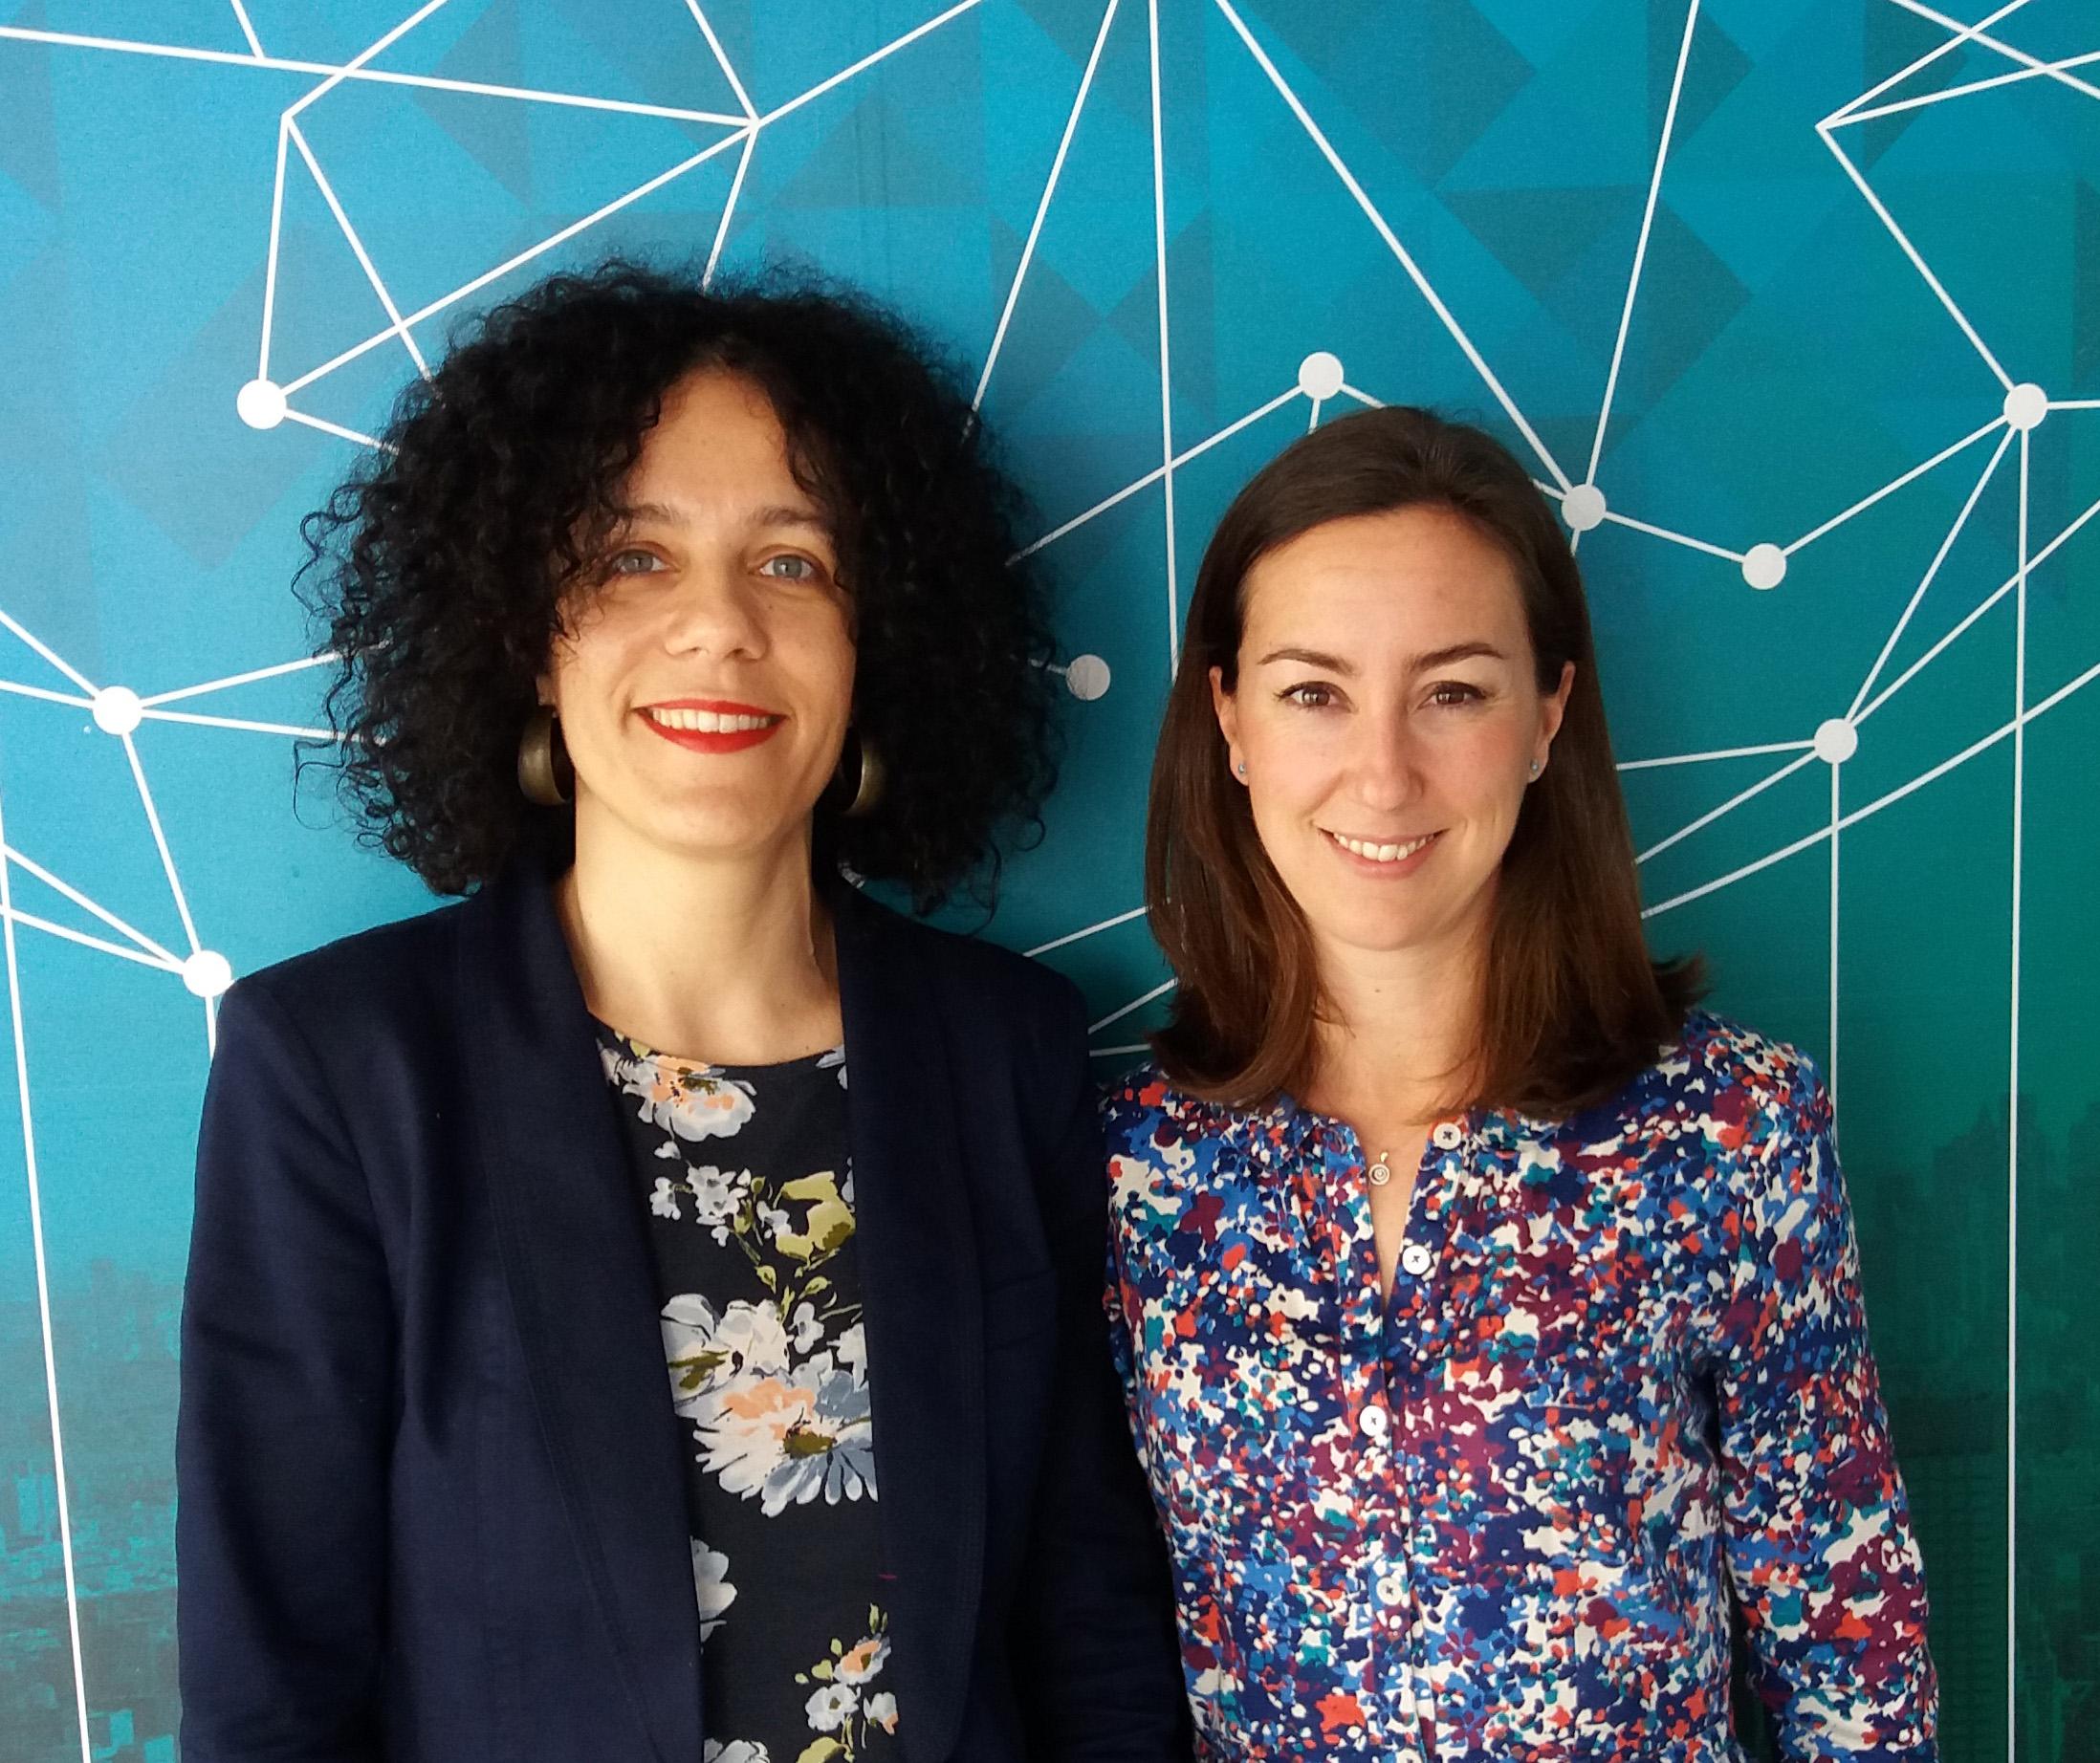 Entrevista Alejandra Ruiz Wellness Telecom